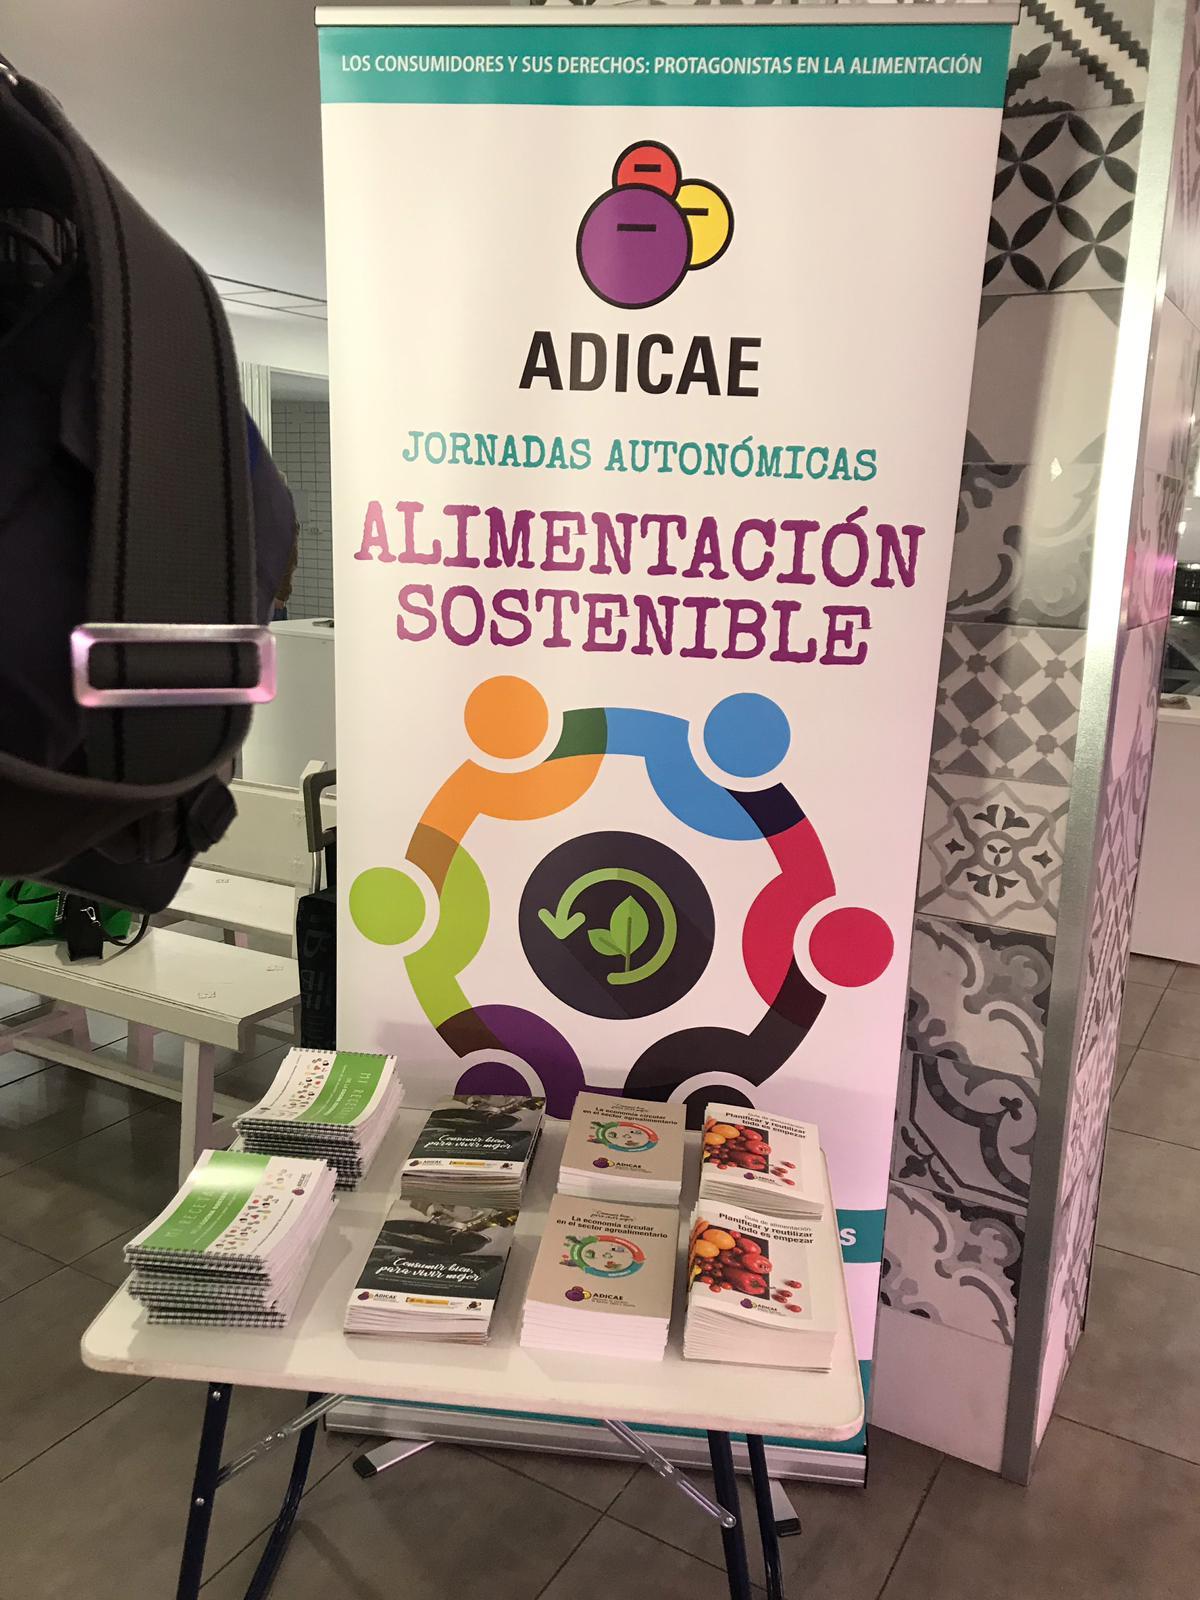 Presentación de materiales de Alimentación sostenible en el Mercado de Abastos en Cáceres II